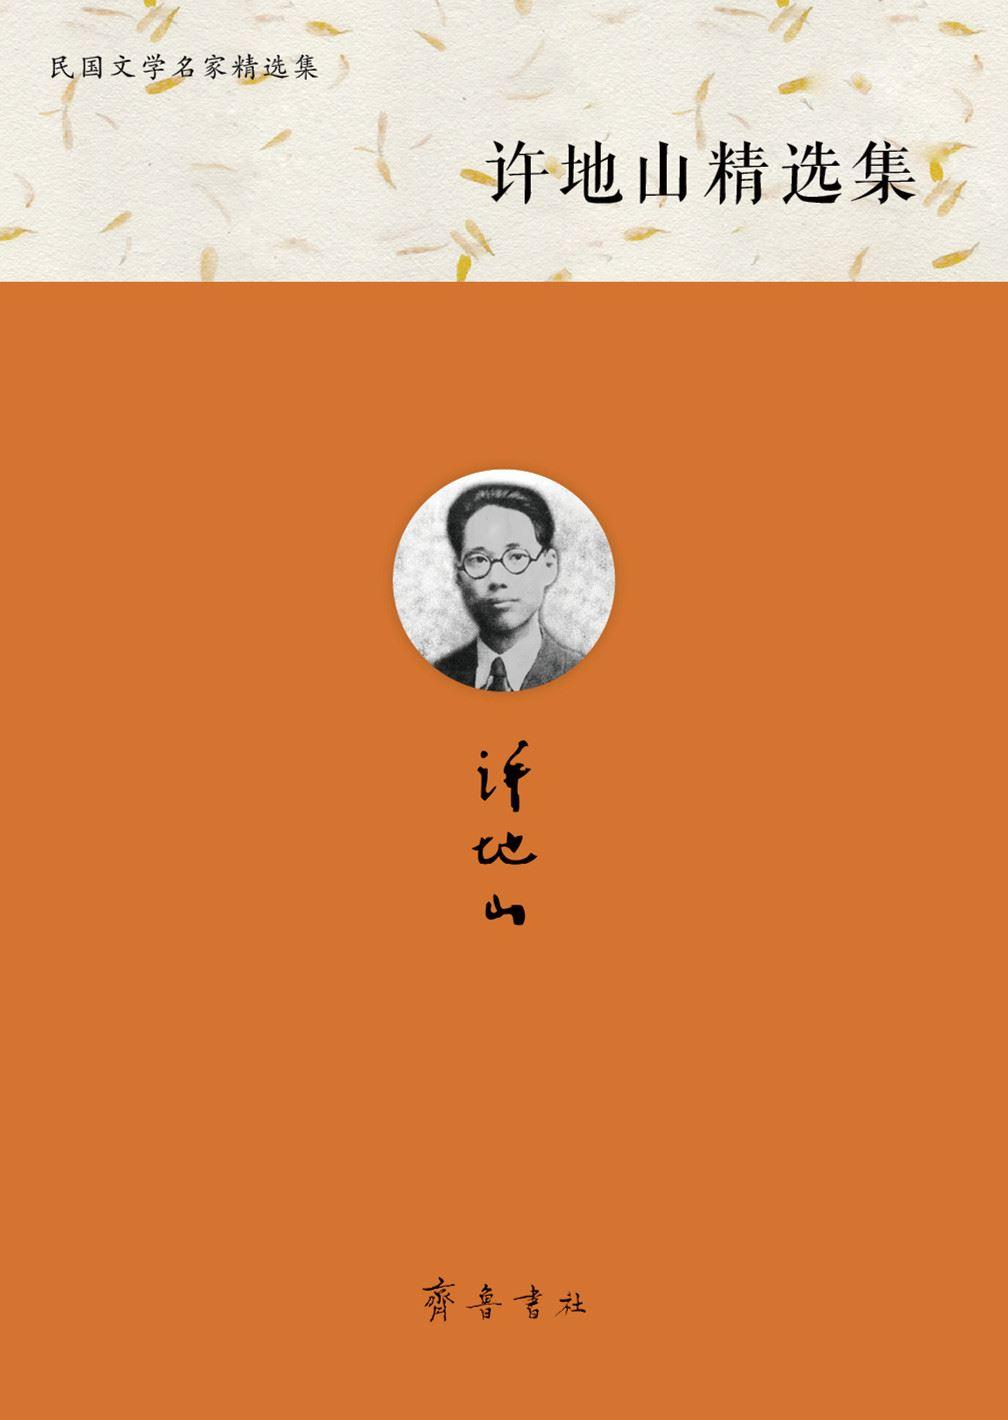 山东齐鲁书社出版有限公司_许地山精选集